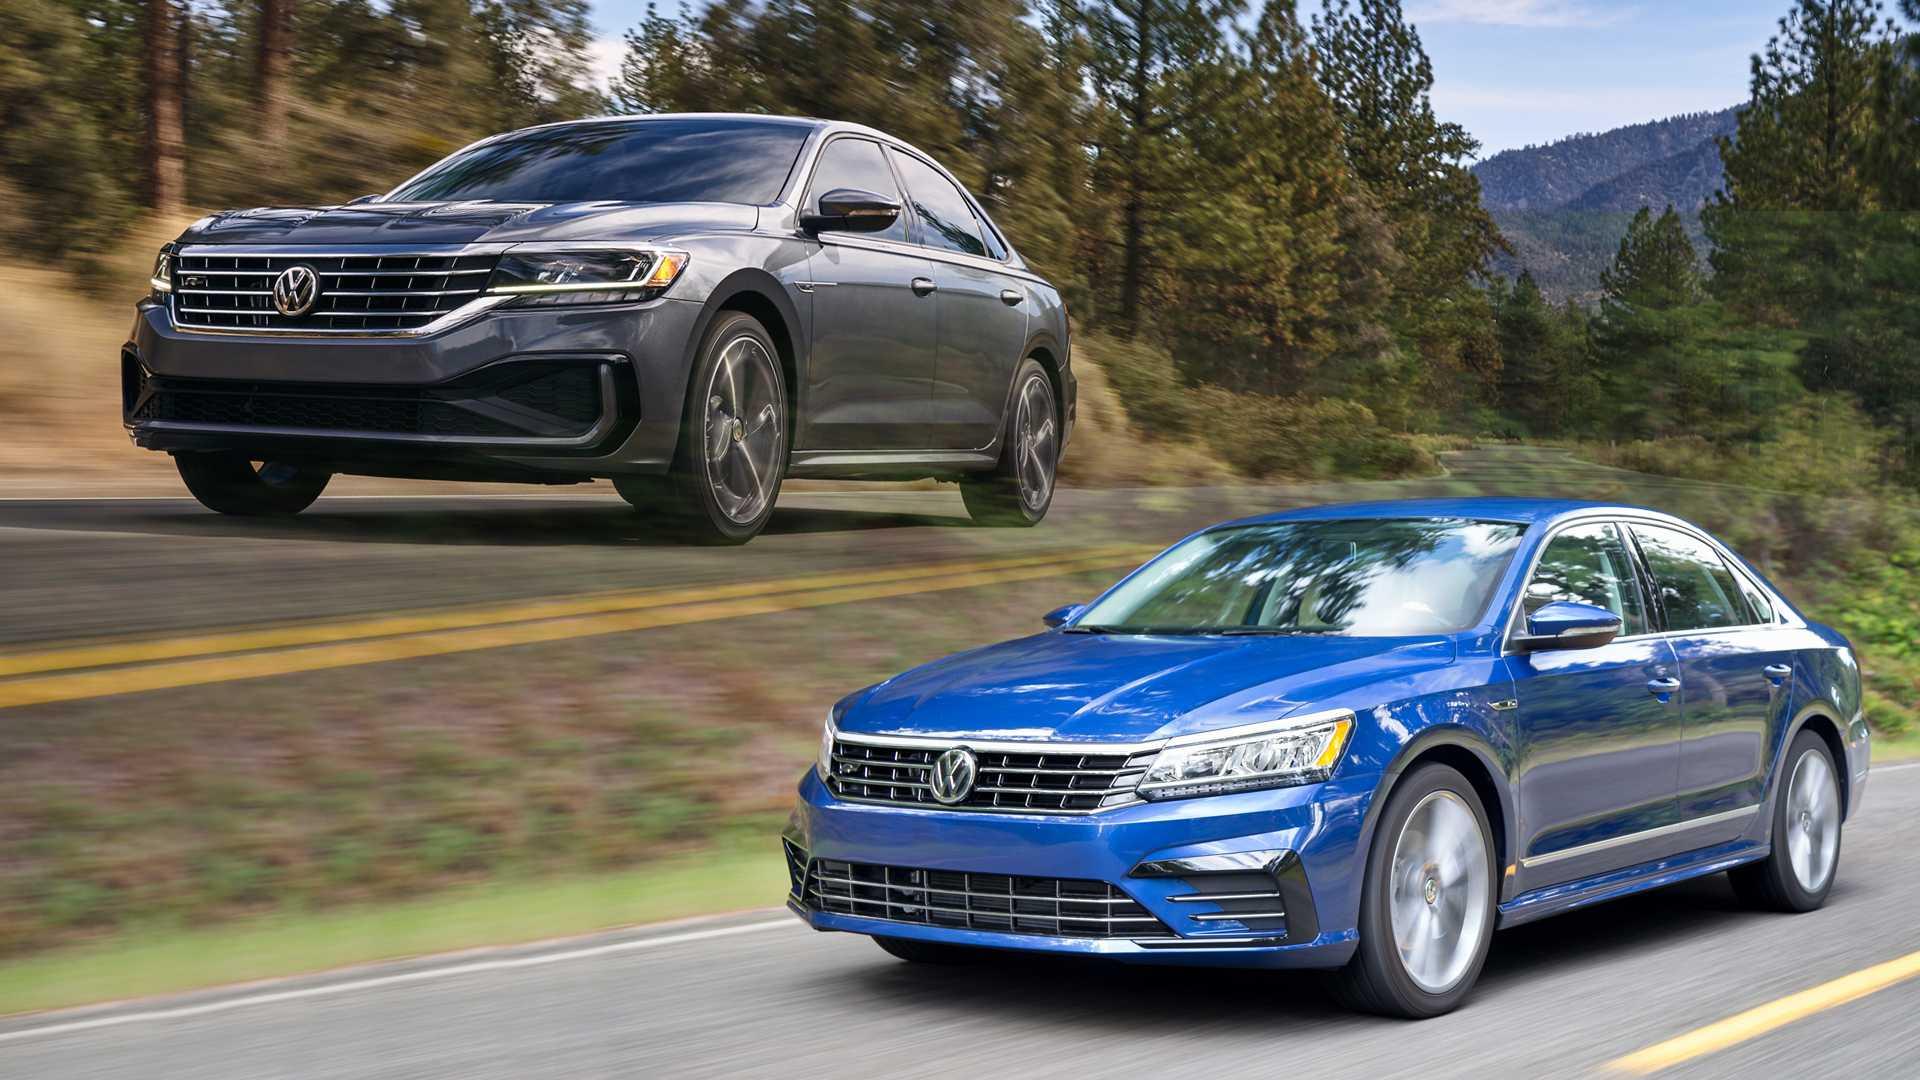 82 New Volkswagen Passat 2020 Interior First Drive by Volkswagen Passat 2020 Interior